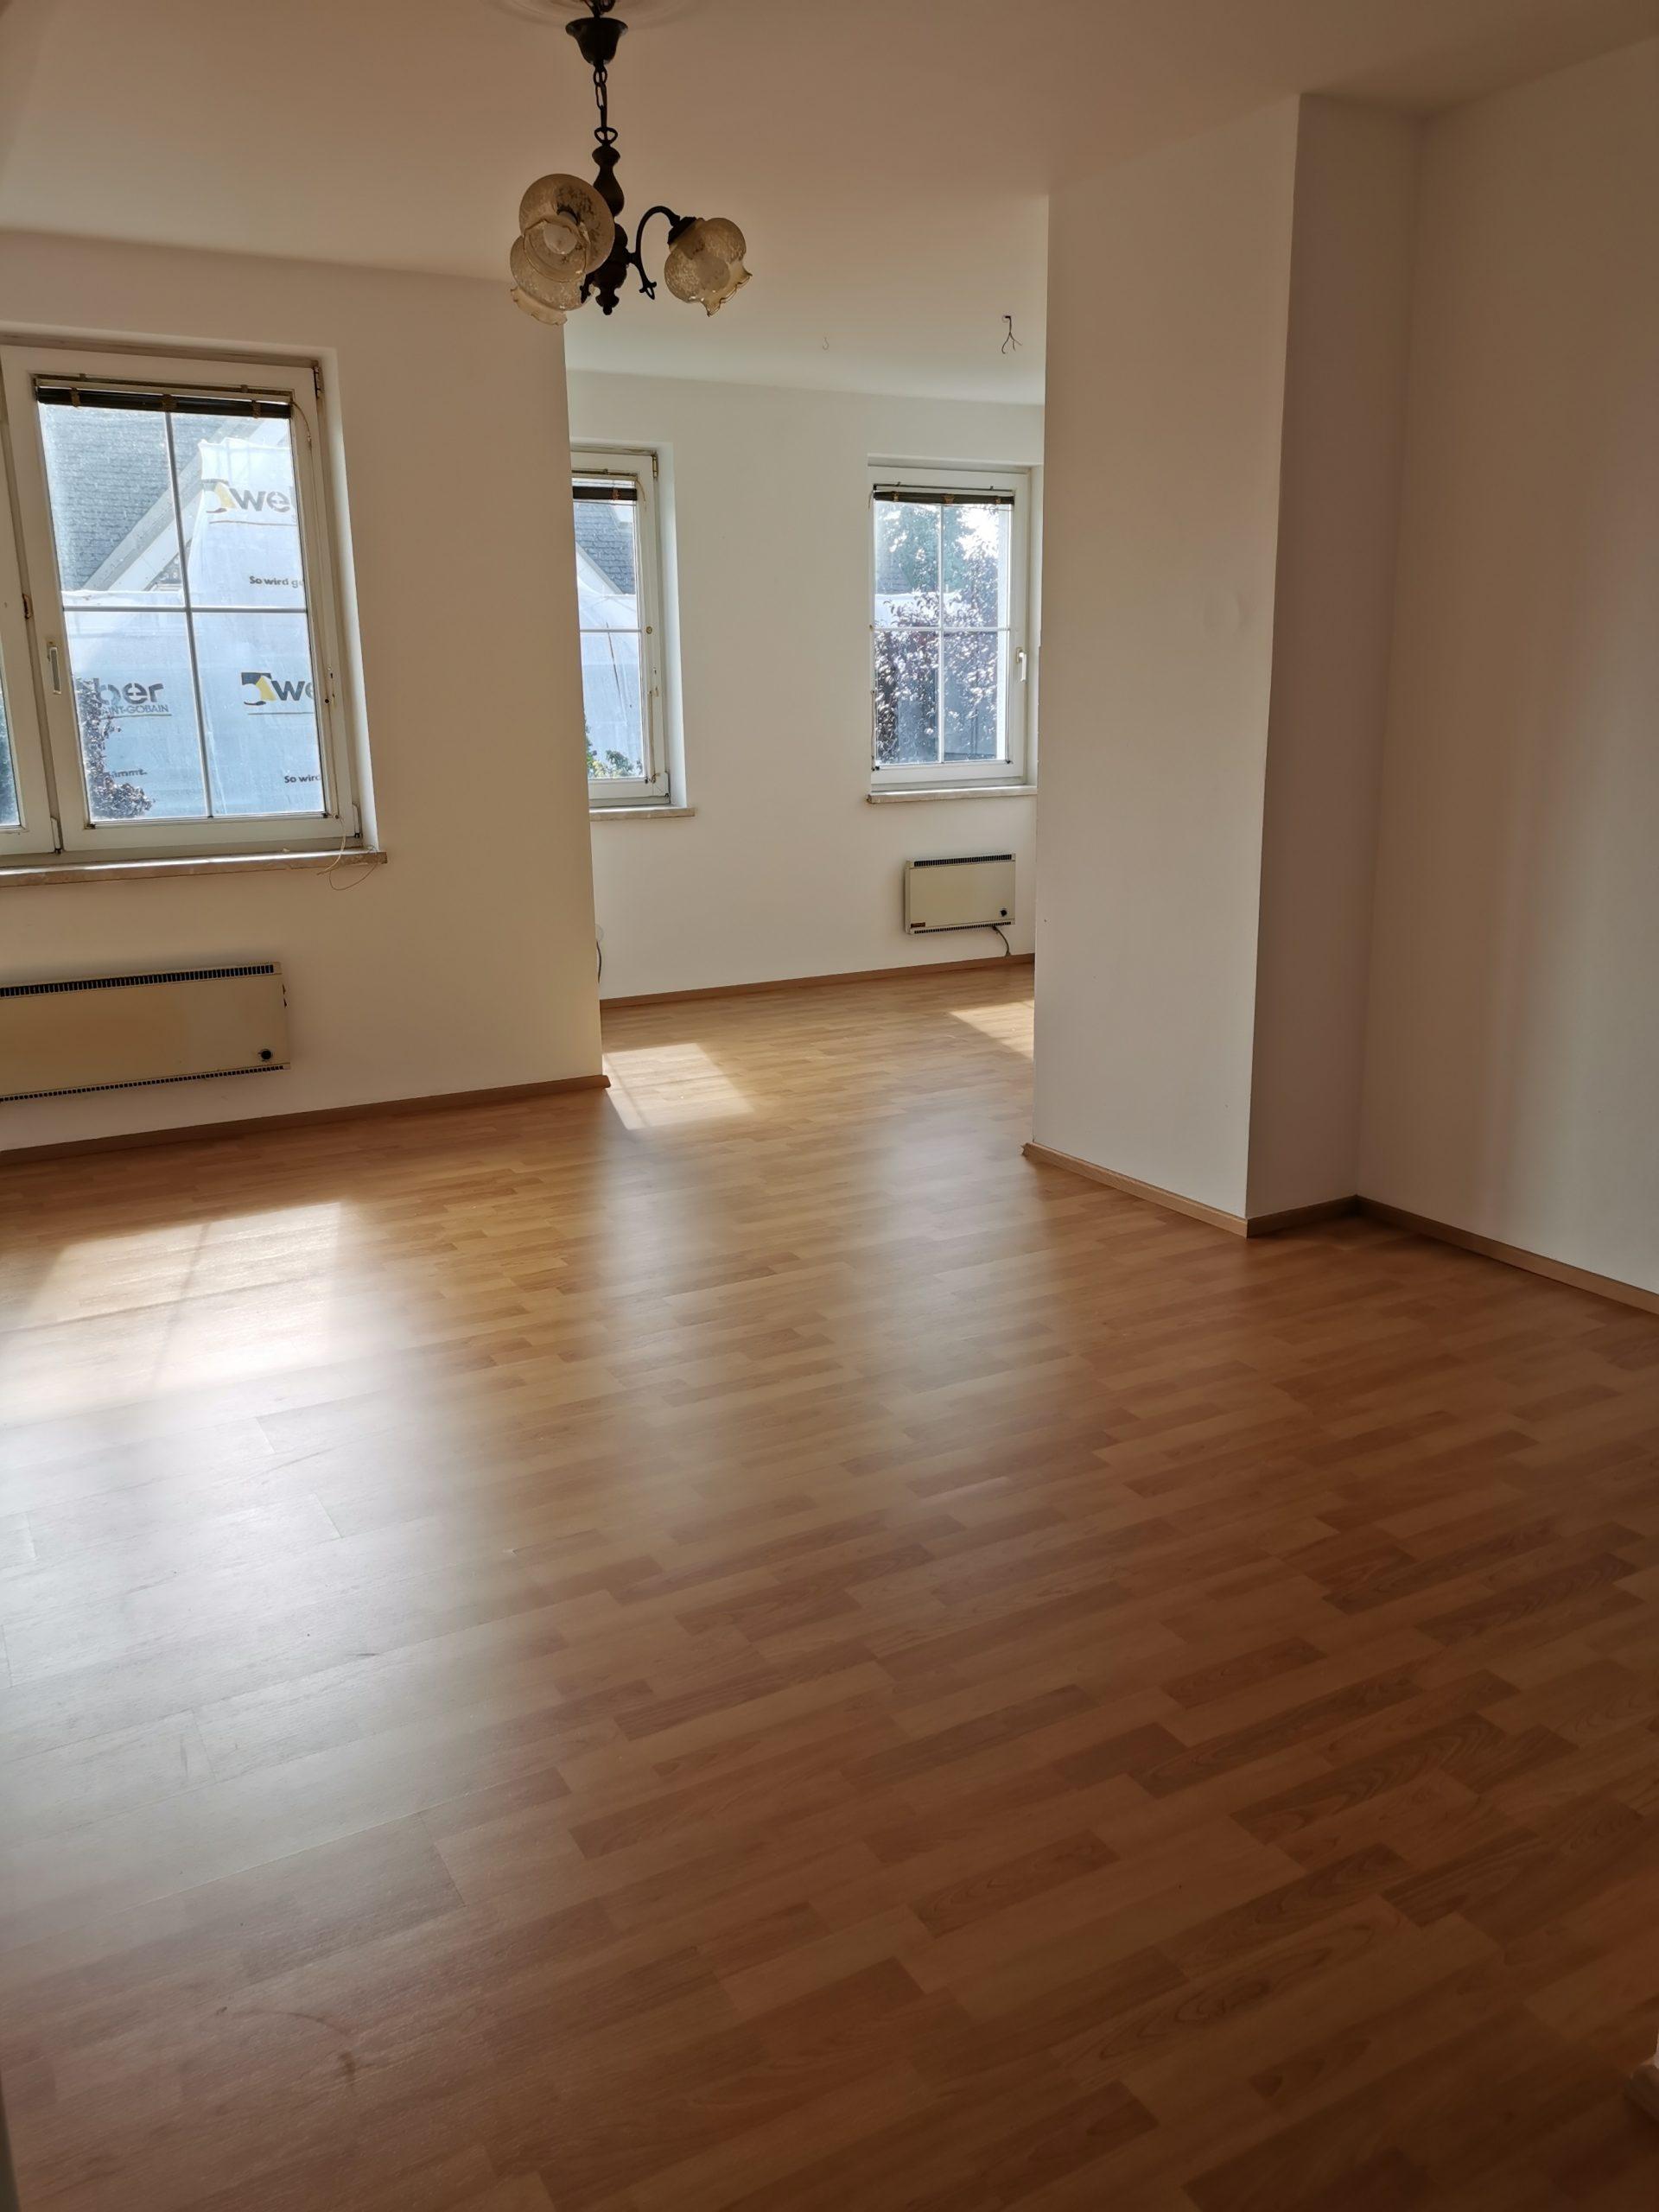 Immobilie von Kamptal in 3712 Maissau, Hollabrunn, Maissau II - Top 8 #0